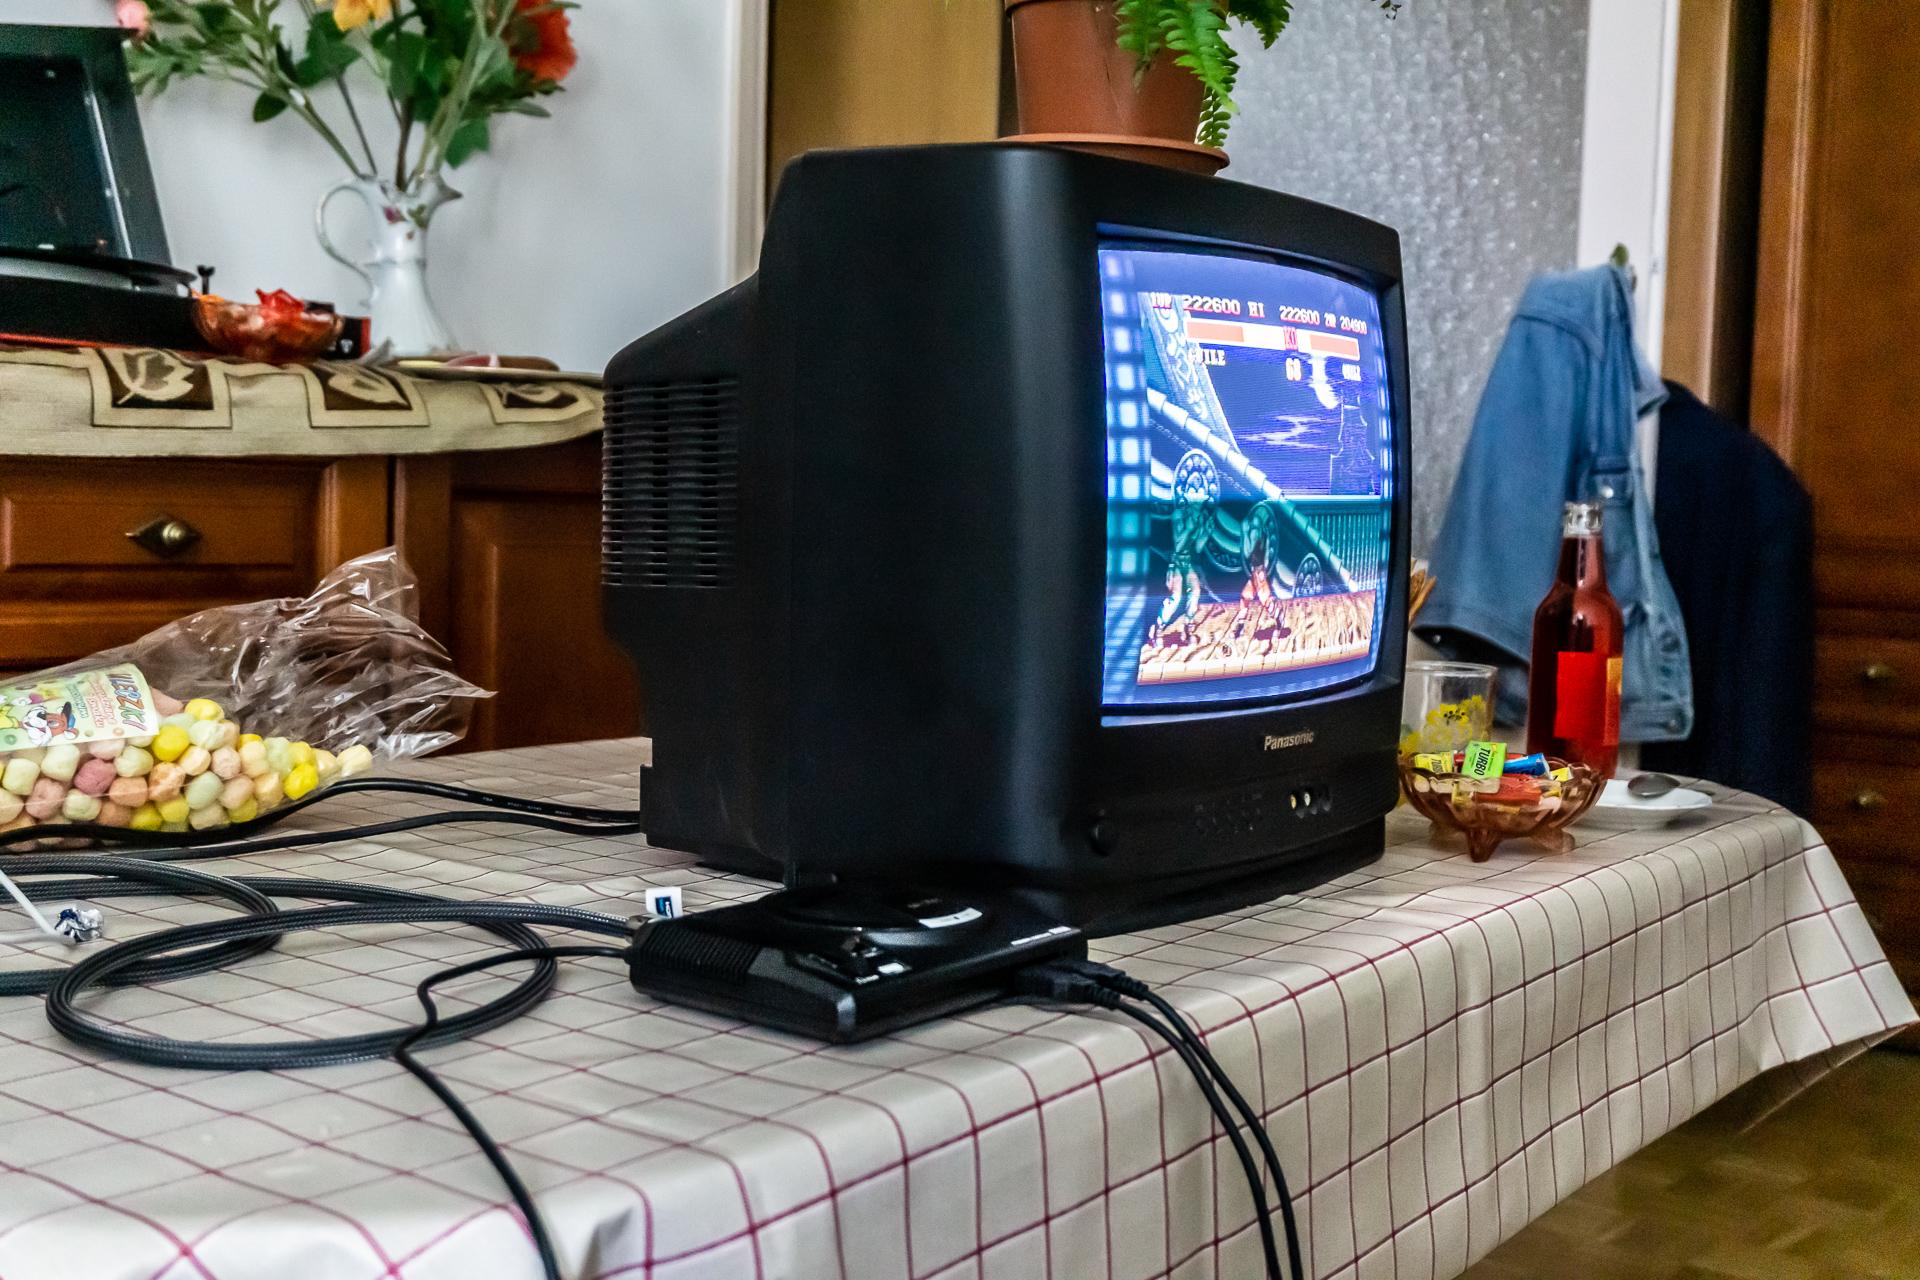 اختبار وحدة التحكم SEGA Mega Drive Mini - أكبر عيوب ومزايا النظام الأساسي الجديد في التسعينيات 1